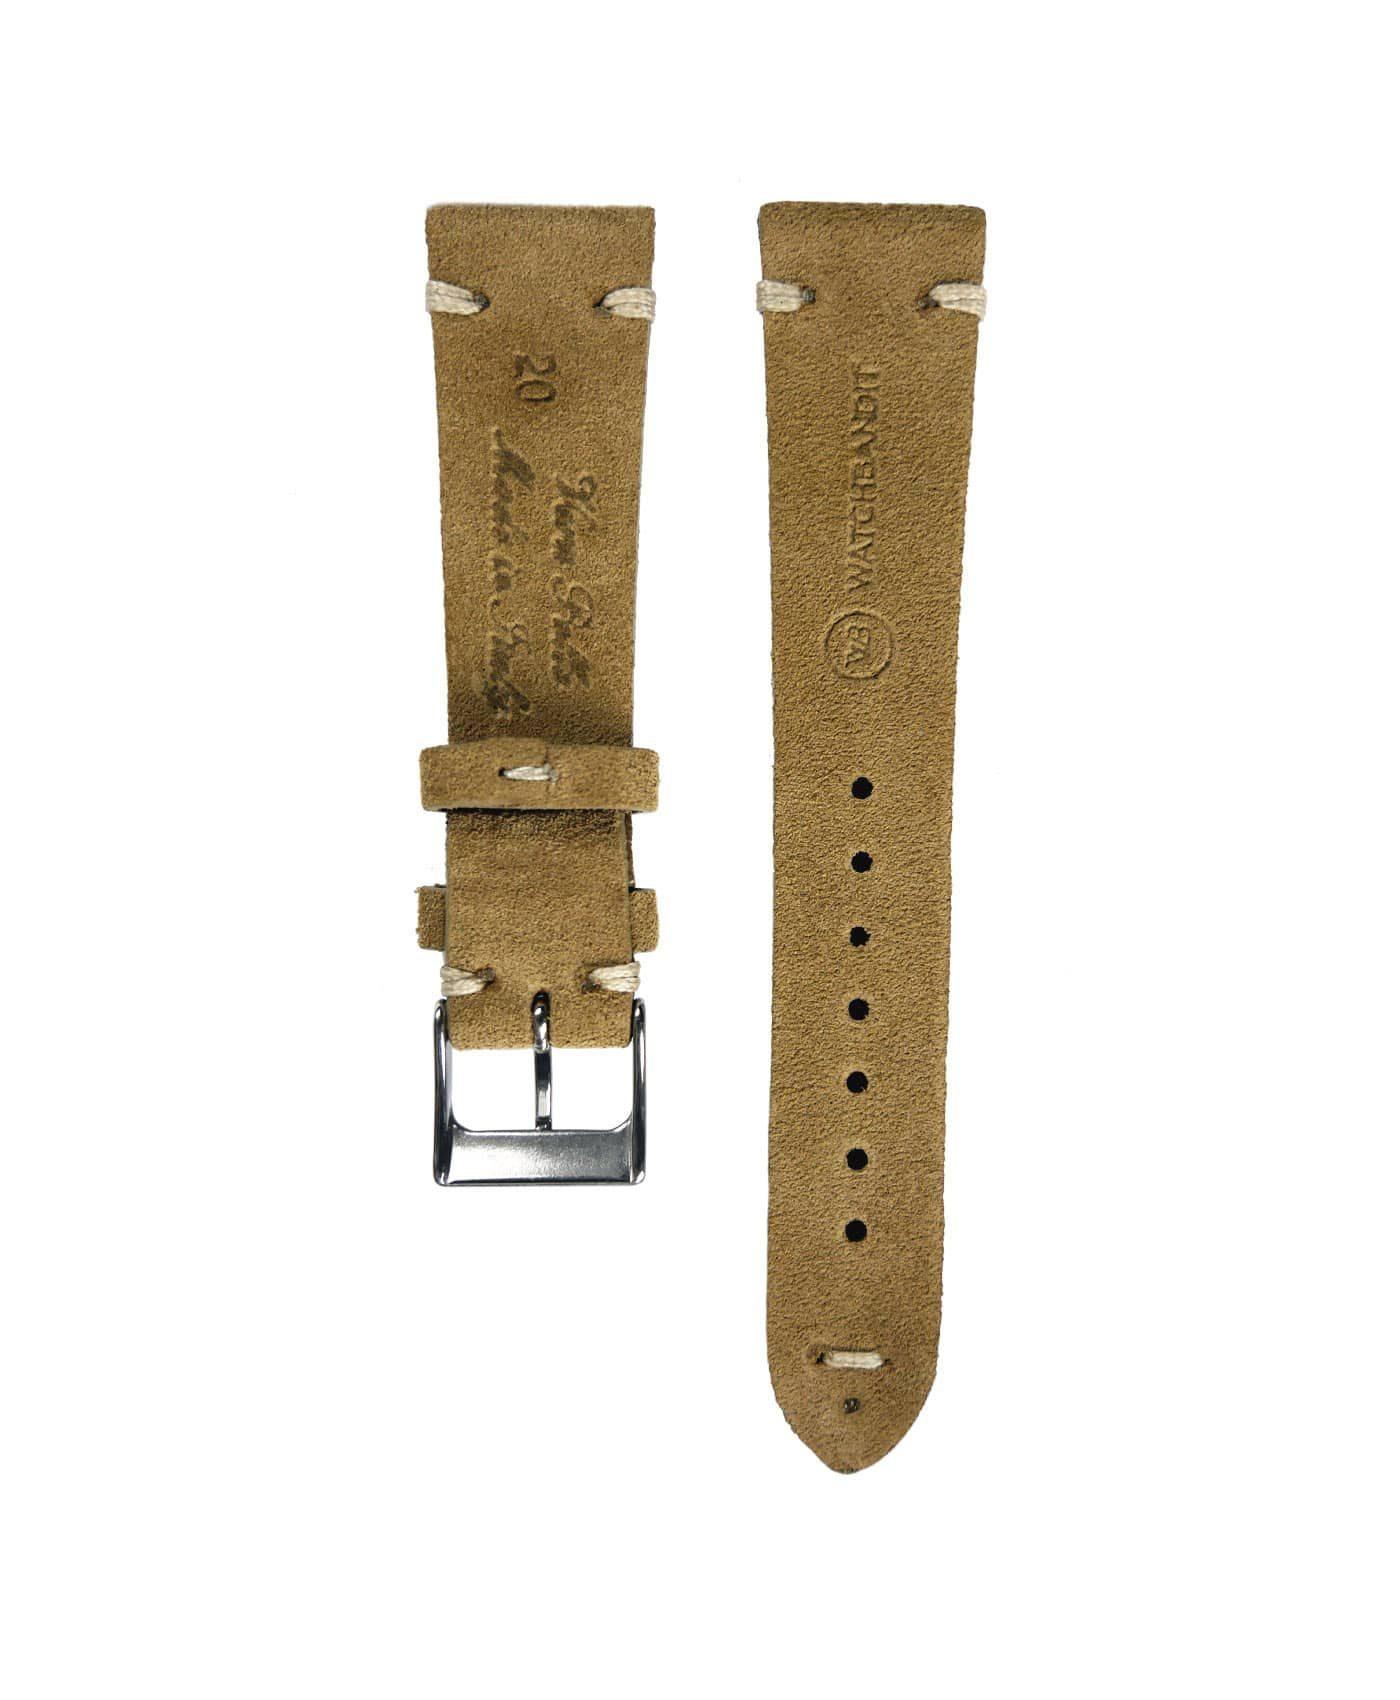 WB original premium suede watch strap beige back